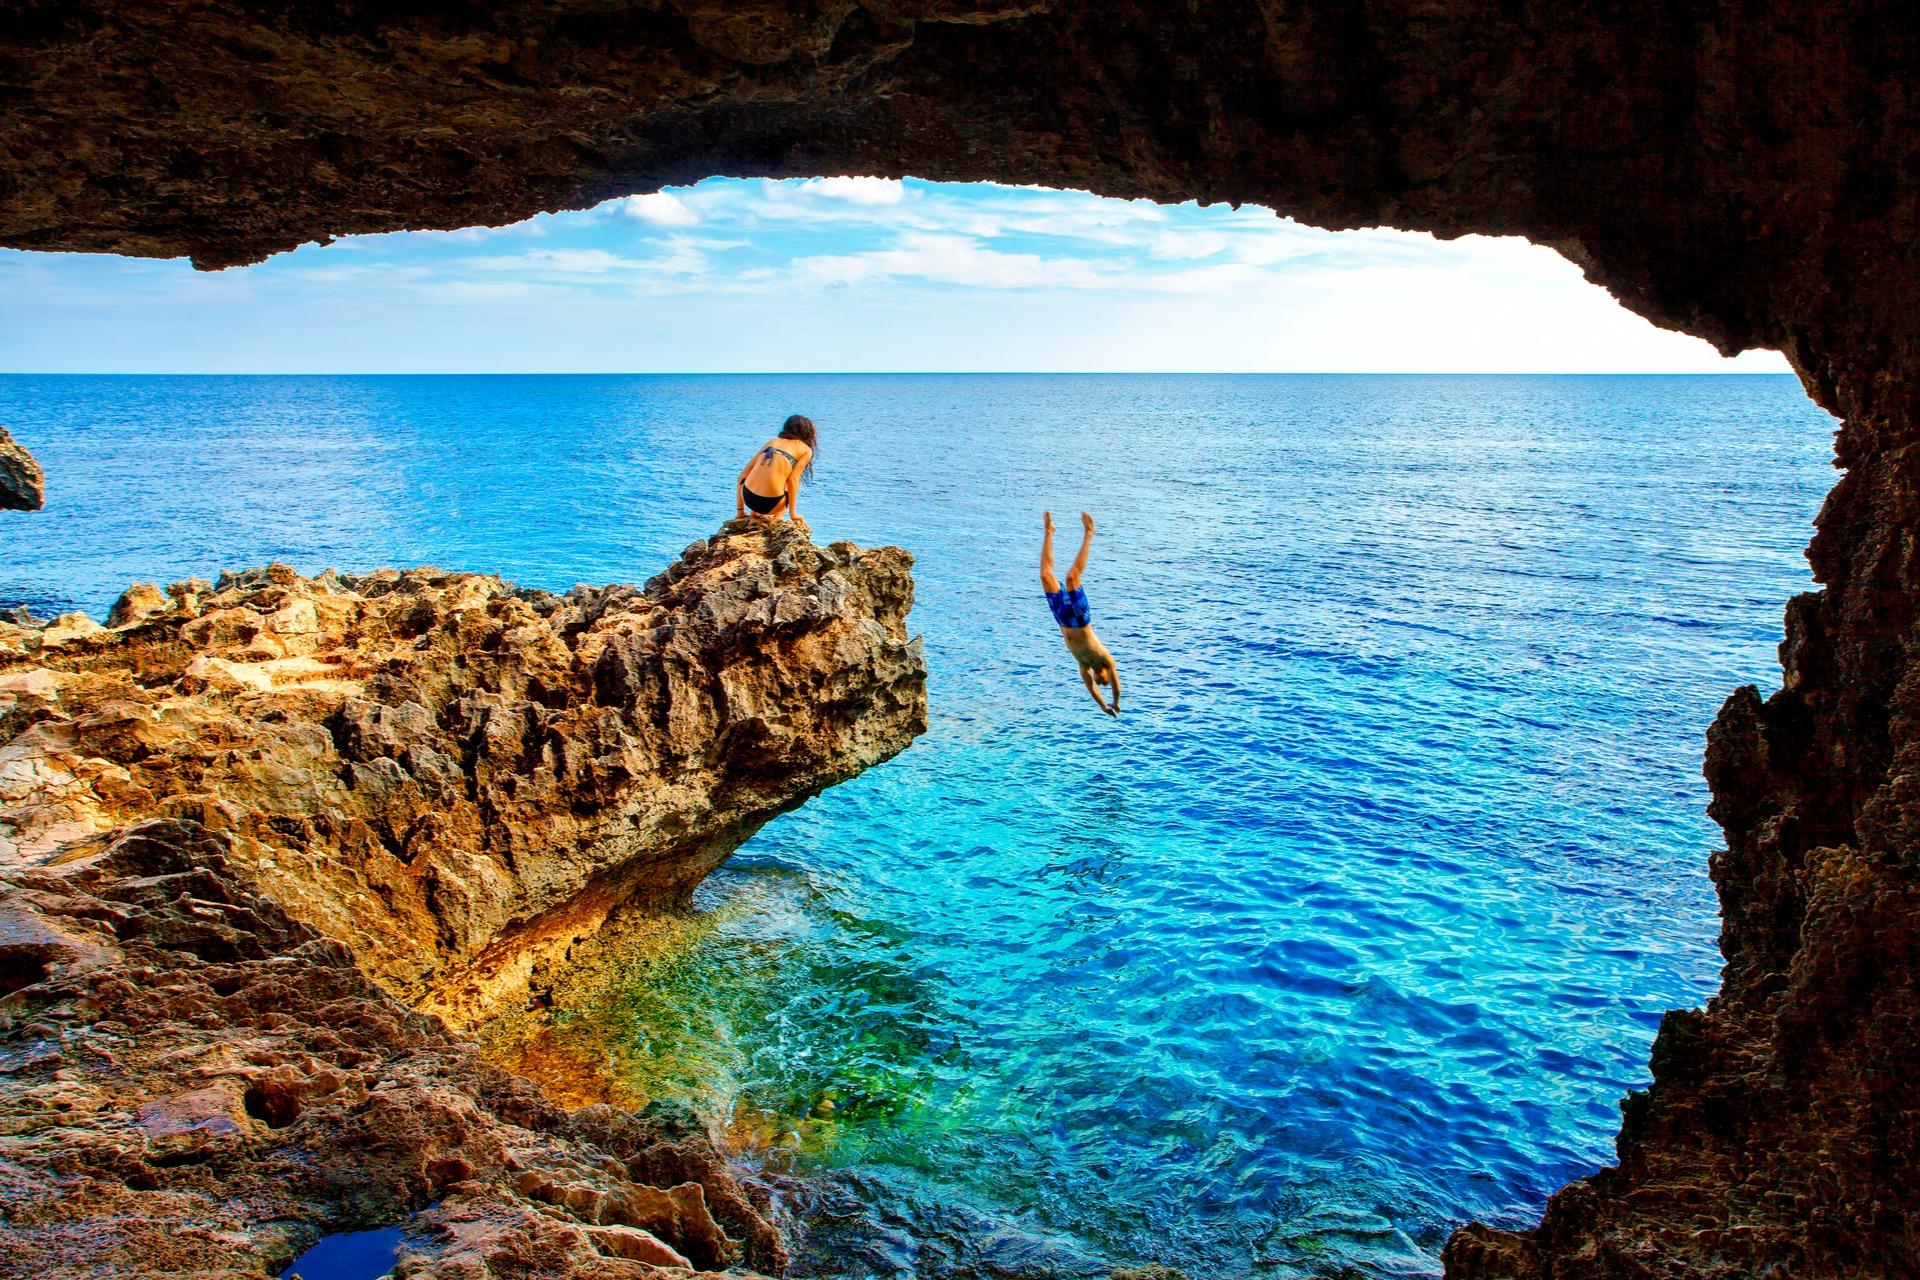 Sea Cave - Cape Greko of Ayia Napa and Protaras